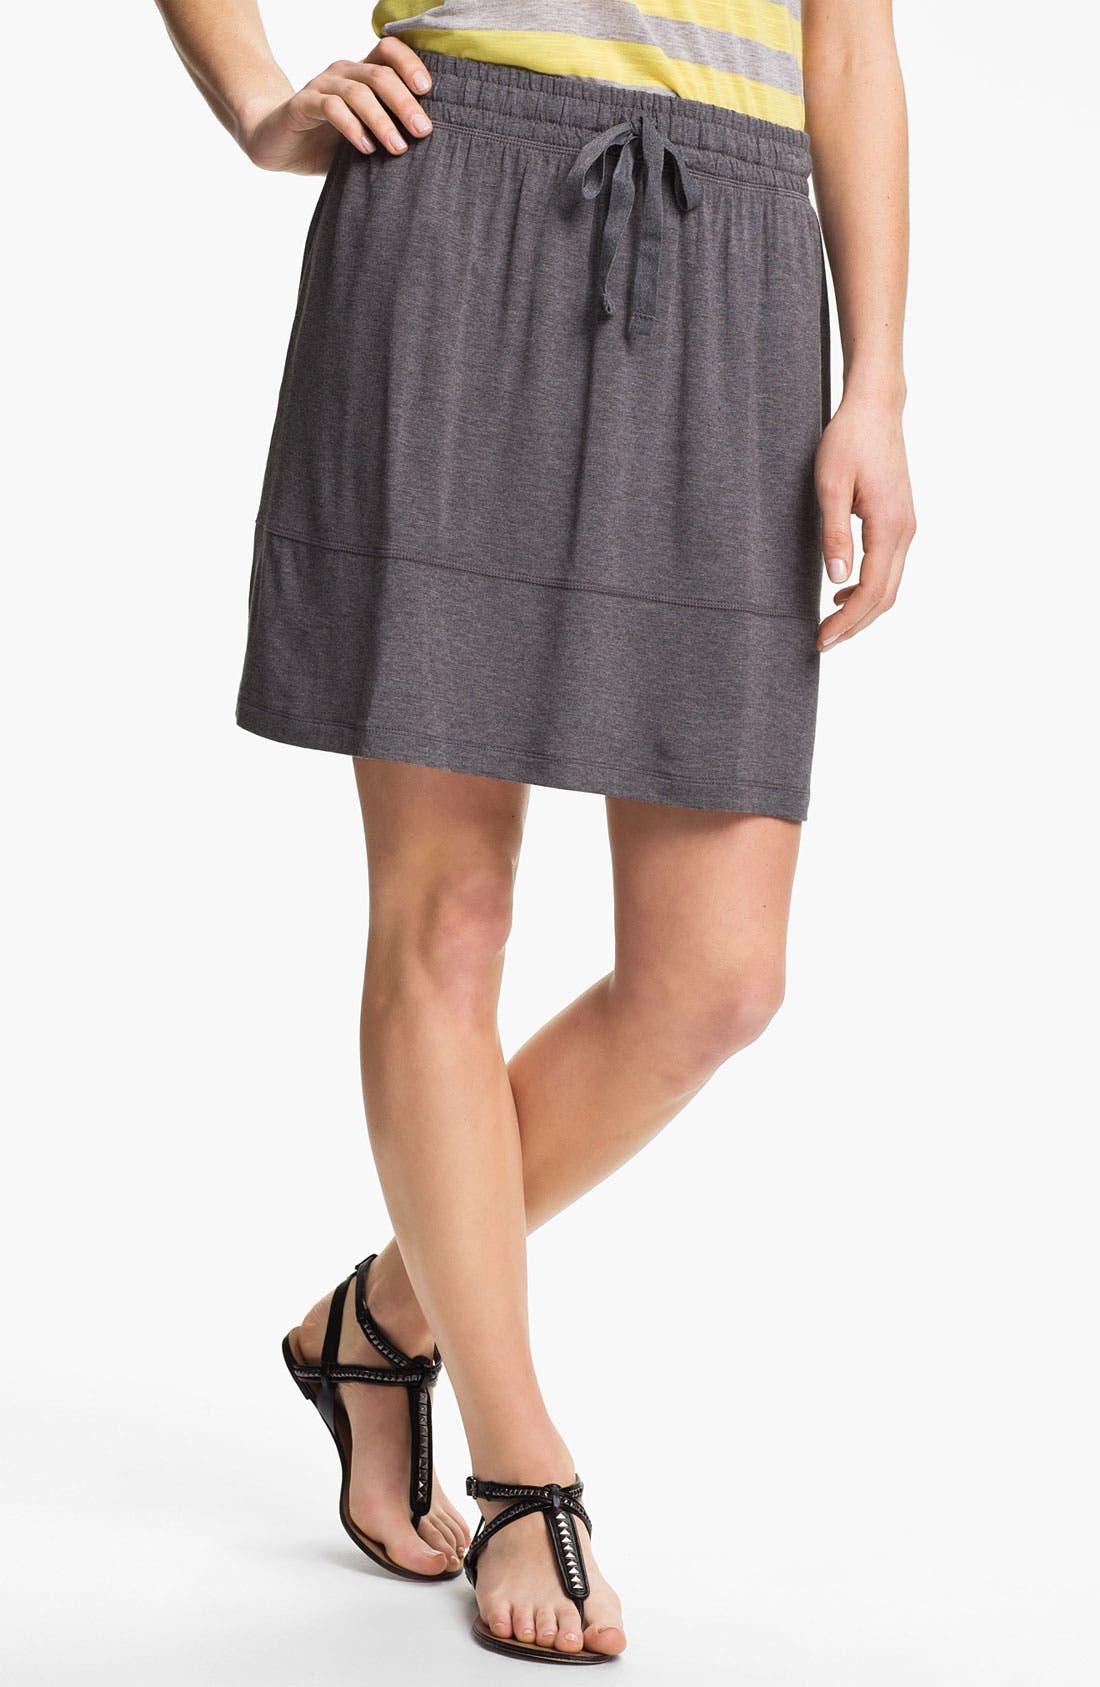 Alternate Image 1 Selected - Caslon Drawstring Short Skirt